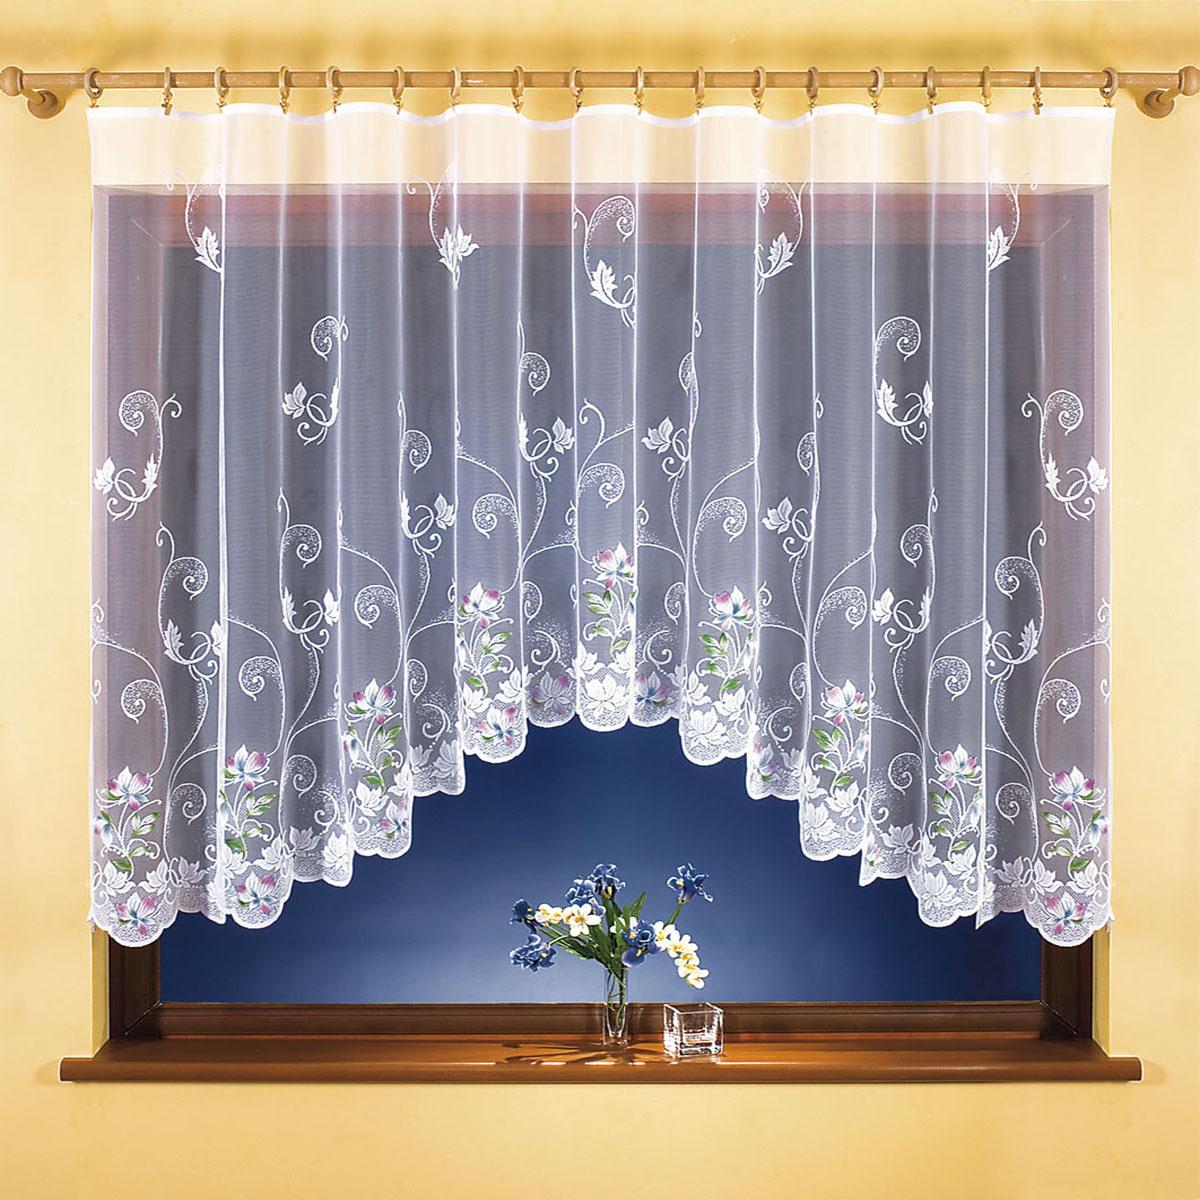 Штора для кухни Wisan, на ленте, цвет: белый, высота 150 см. 98329832Штора Wisan, выполненная из легкого полупрозрачного полиэстера белого цвета, станет великолепным украшением кухонного окна. Изделие имеет ассиметричную длину и красивый цветочный рисунок по всей поверхности полотна. Качественный материал и оригинальный дизайн привлекут к себе внимание и позволят шторе органично вписаться в интерьер помещения. Штора оснащена шторной лентой под зажимы для крепления на карниз.